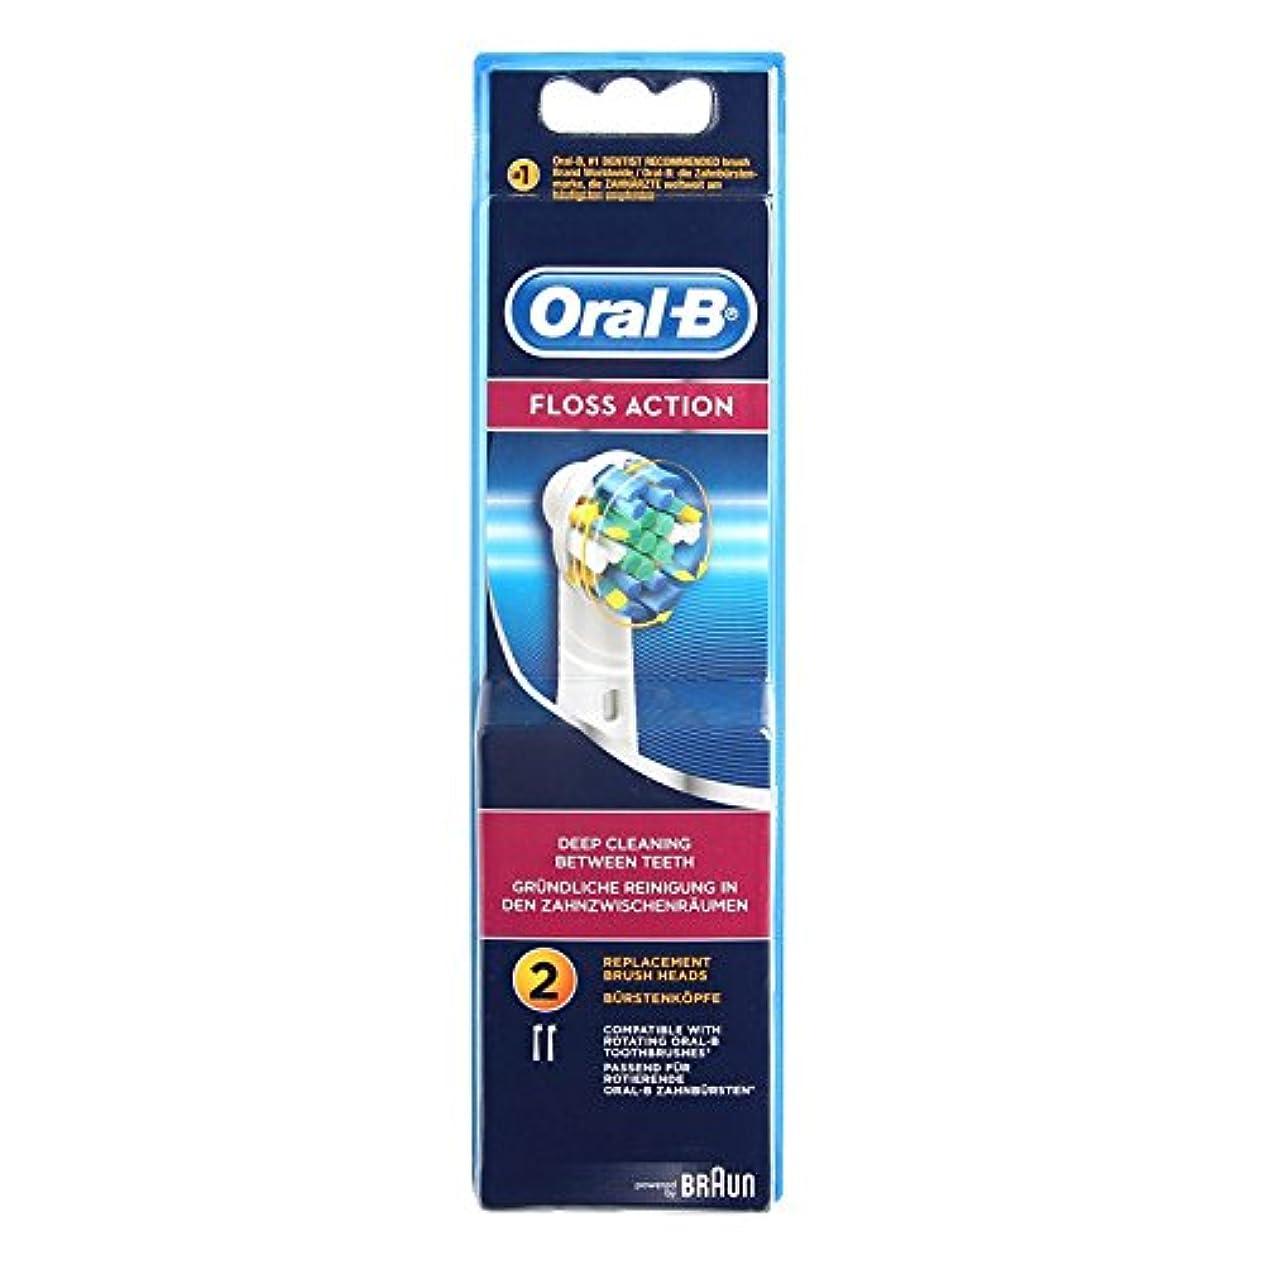 スロー上院議員穏やかなBraun Oral-B EB25-2 Floss Action 交換式充電式歯ブラシヘッド 1Pack [並行輸入品]